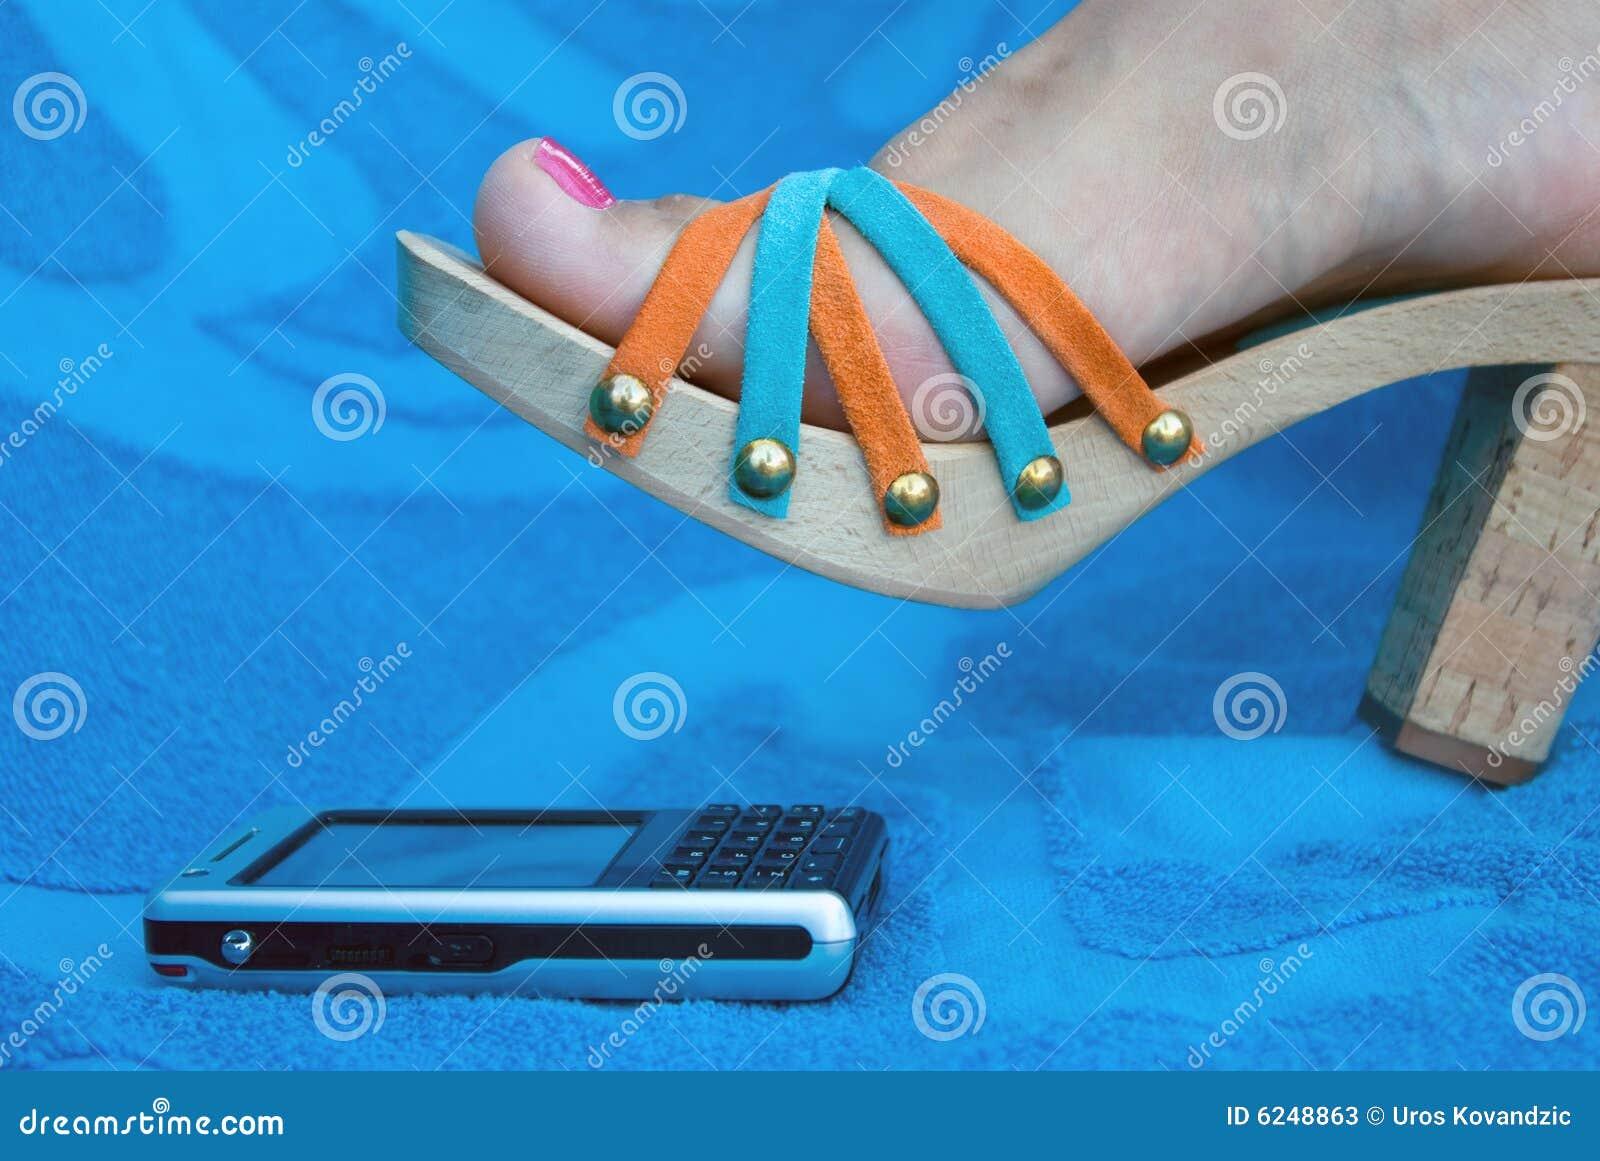 Женские ноги на мобильник — 3